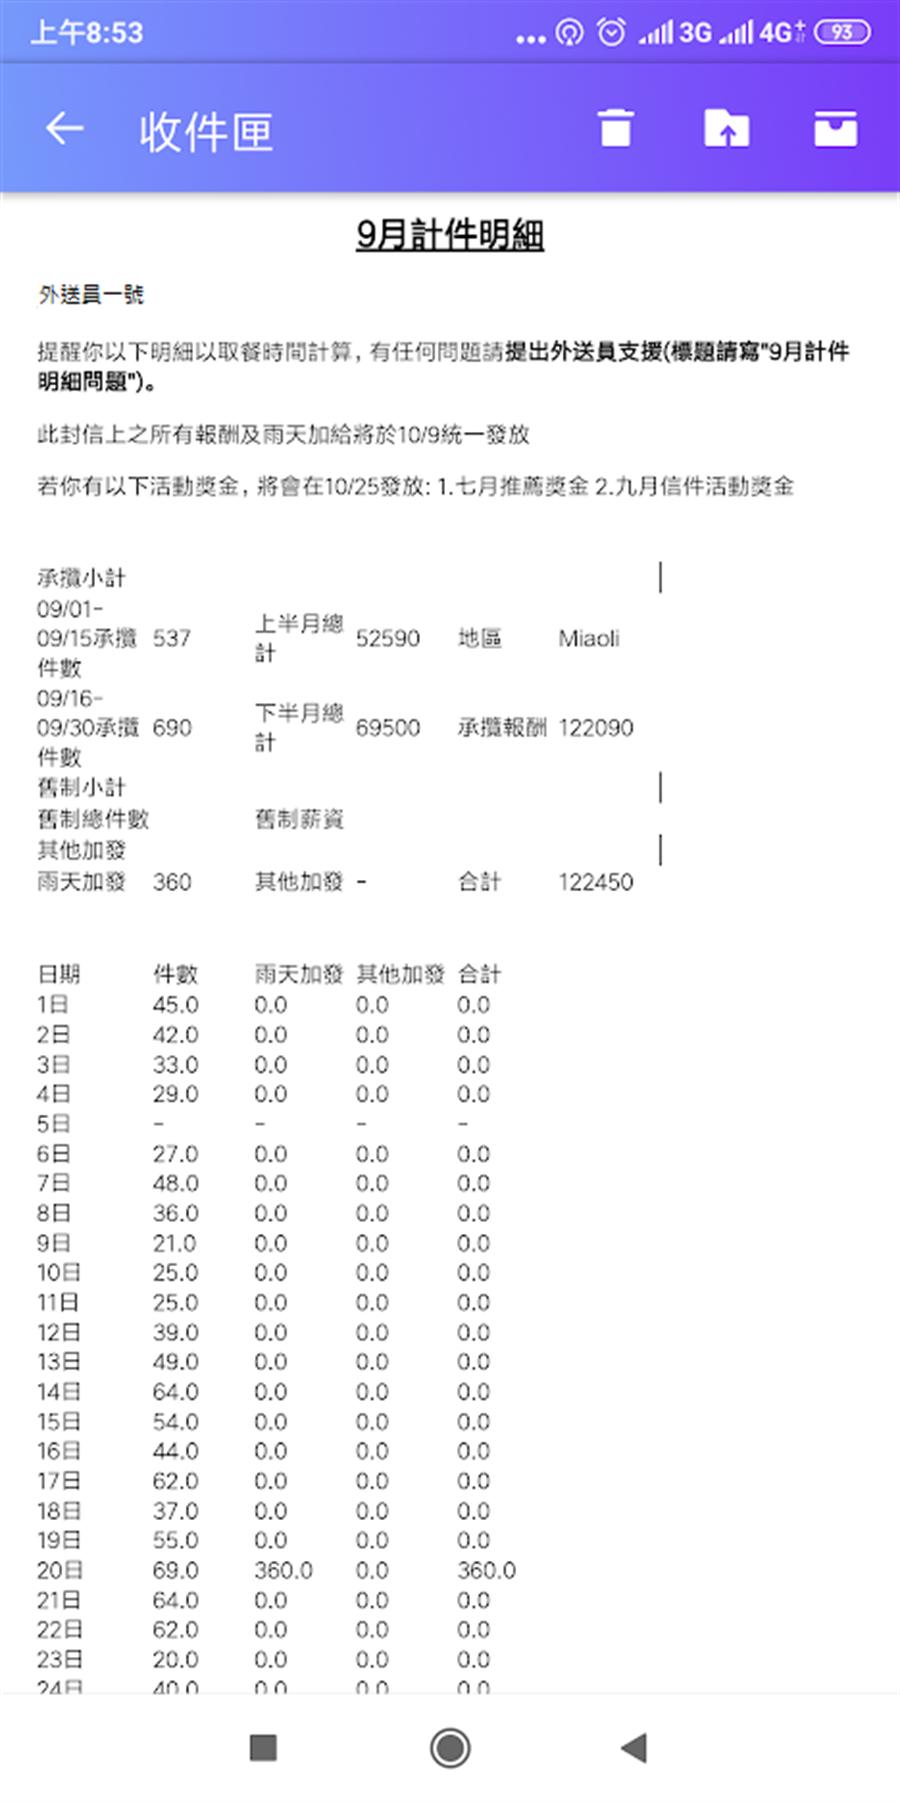 透過該外送員薪資明細可以看到,整個9月只休一天,單日外送最高件數多達69件,完全開啟鐵人模式 (圖/翻攝自PTT)